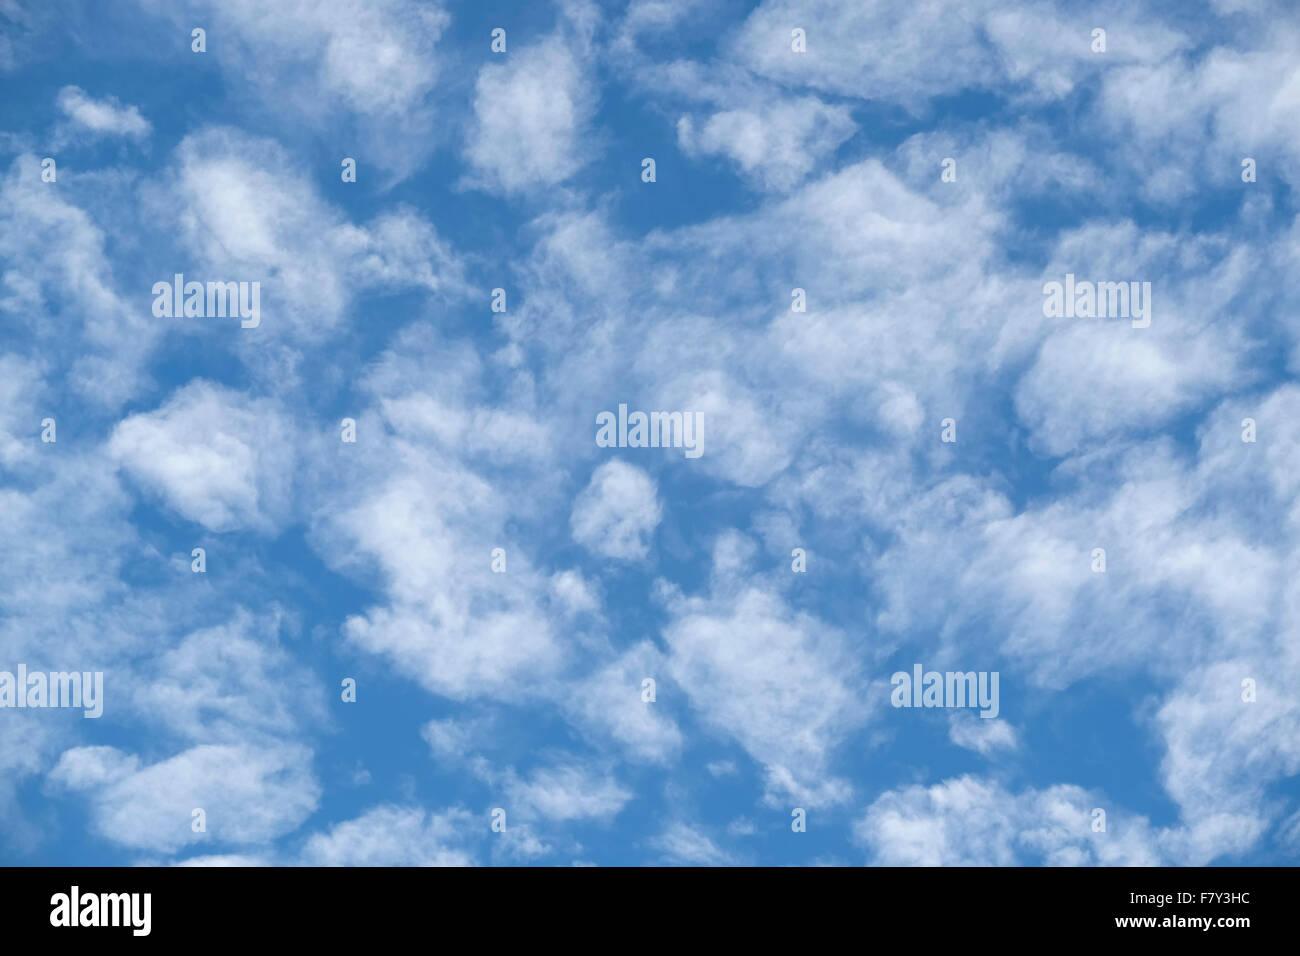 weiche dünne weiße Wolkenfetzen vor blauem Himmel. Eine weiche erholsamen Natur Bild. Stockbild